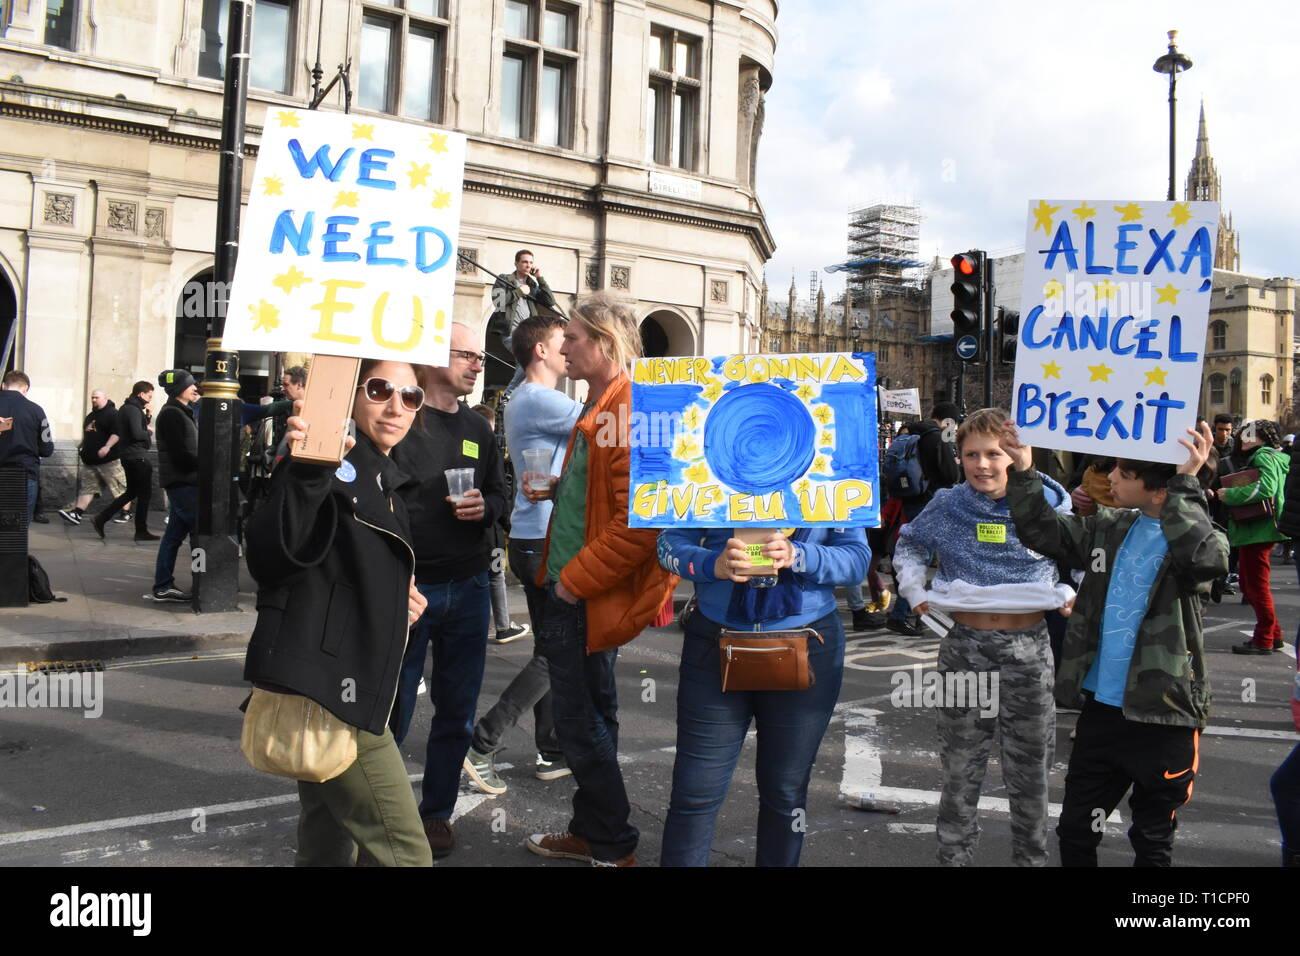 Londra/UK. Il 23 marzo 2019. Migliaia marzo a Piazza del Parlamento a chiedere un voto popolare. Credito: Katherine Da Silva/ Alamy news Immagini Stock